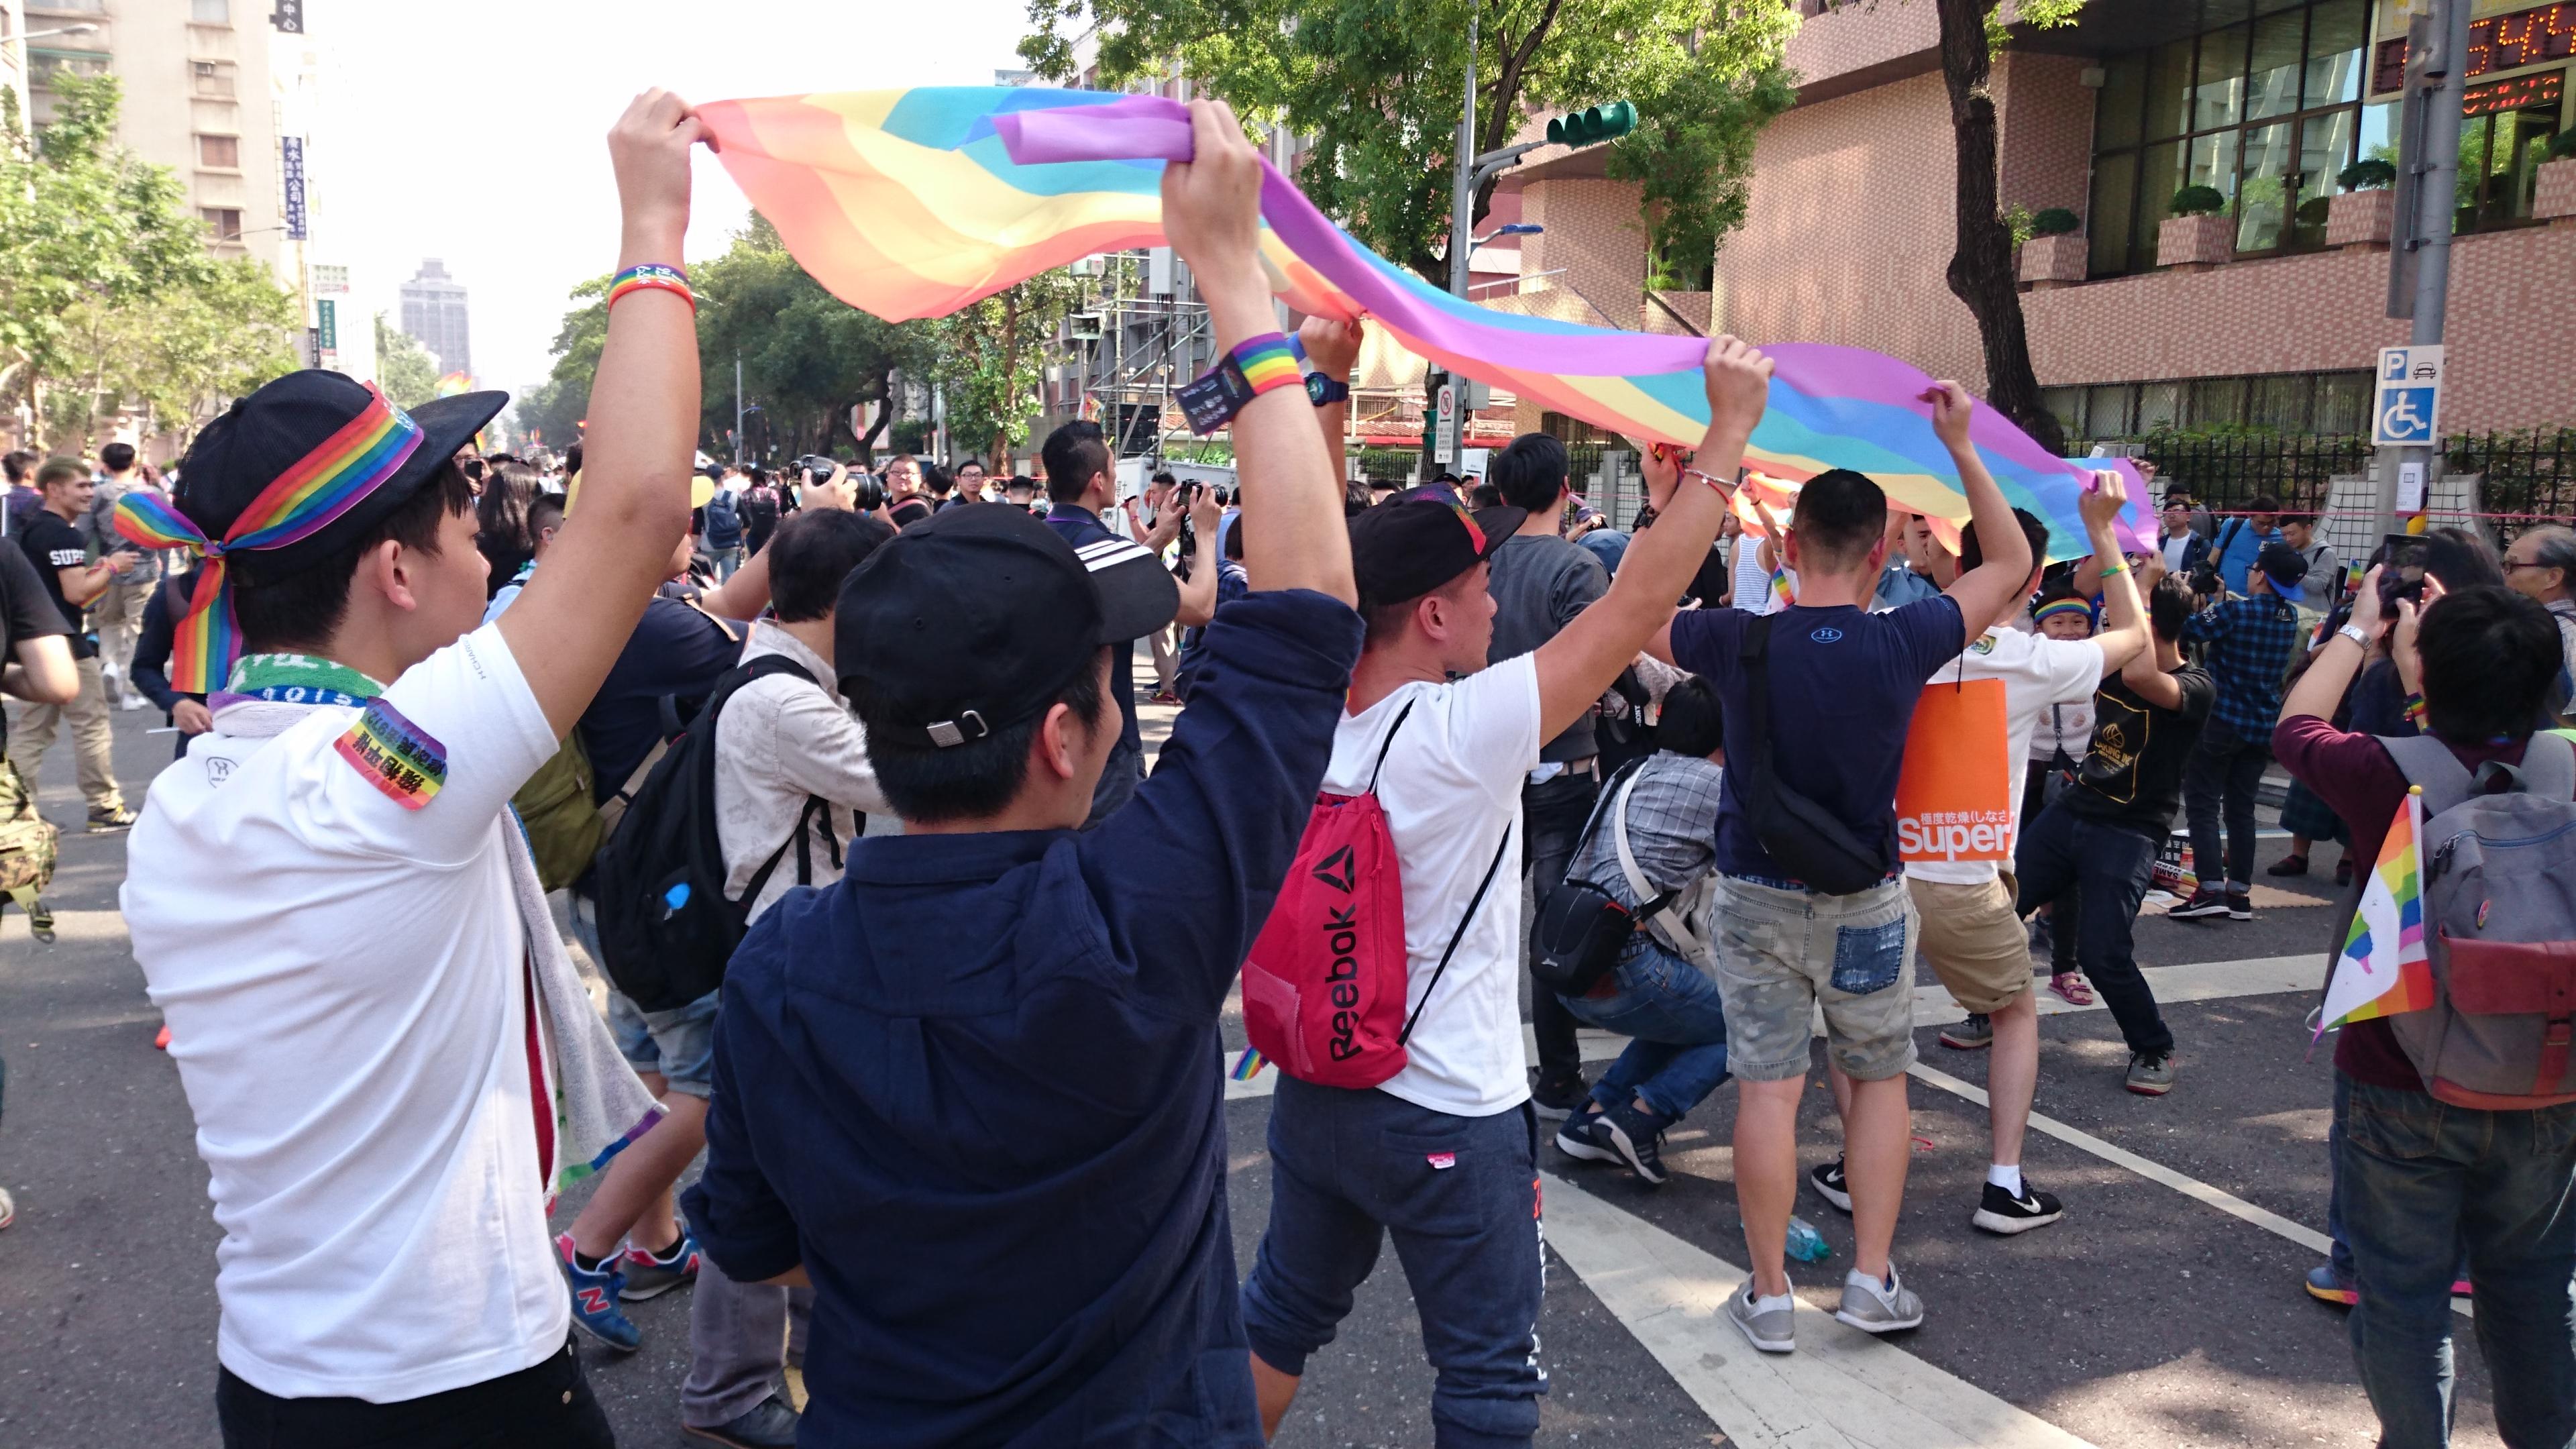 什麼是酷兒 (Queer)?從歷史認識同志運動起源